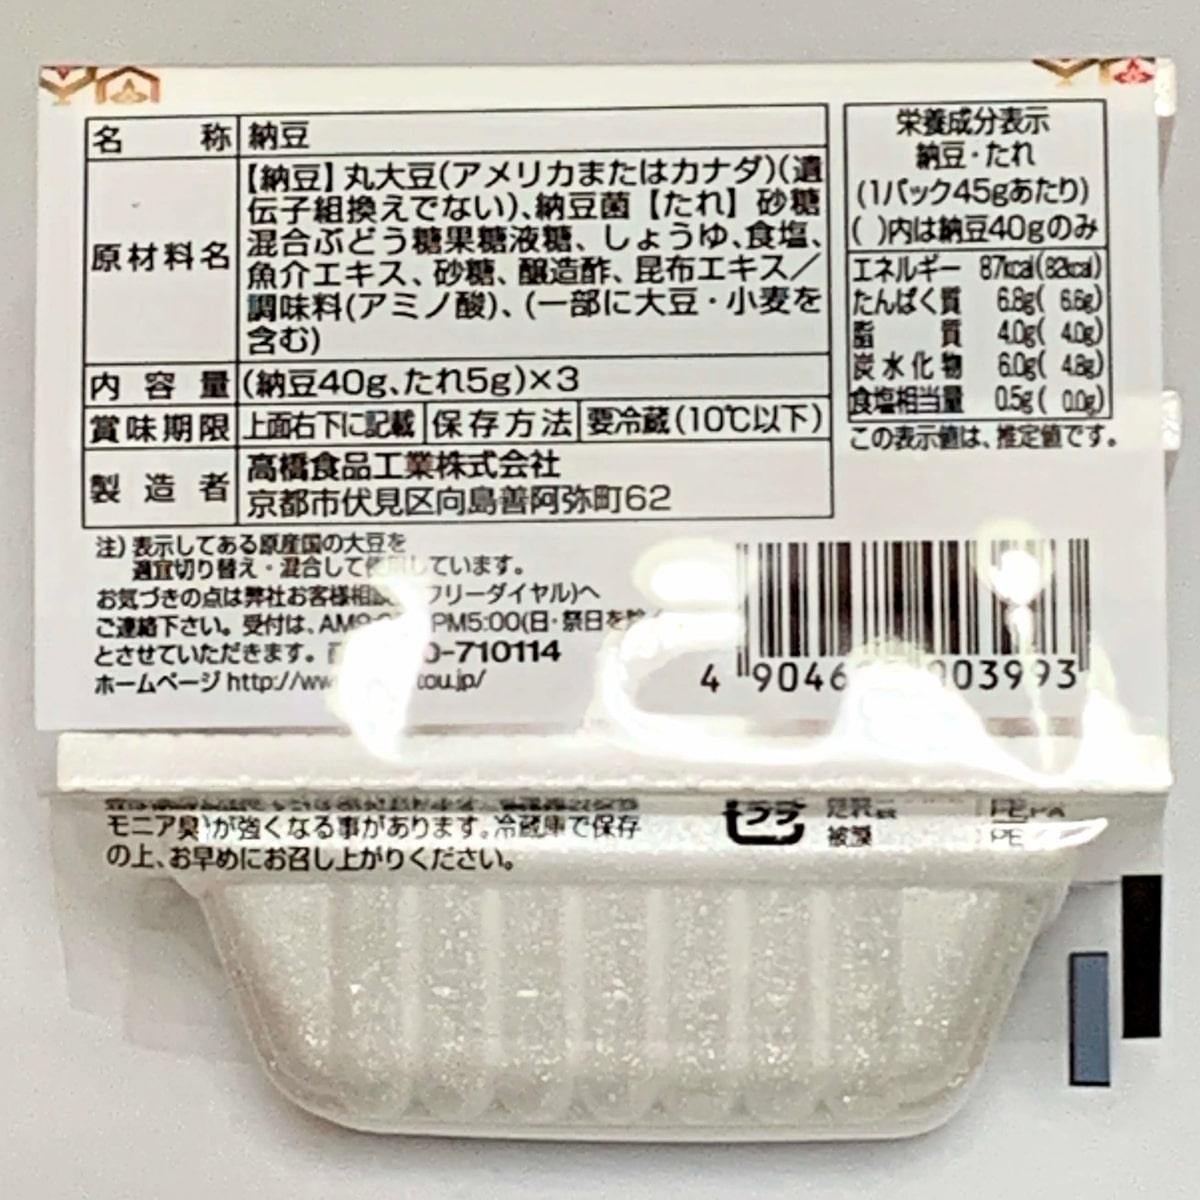 「京の白だし納豆」の側面の画像 その1